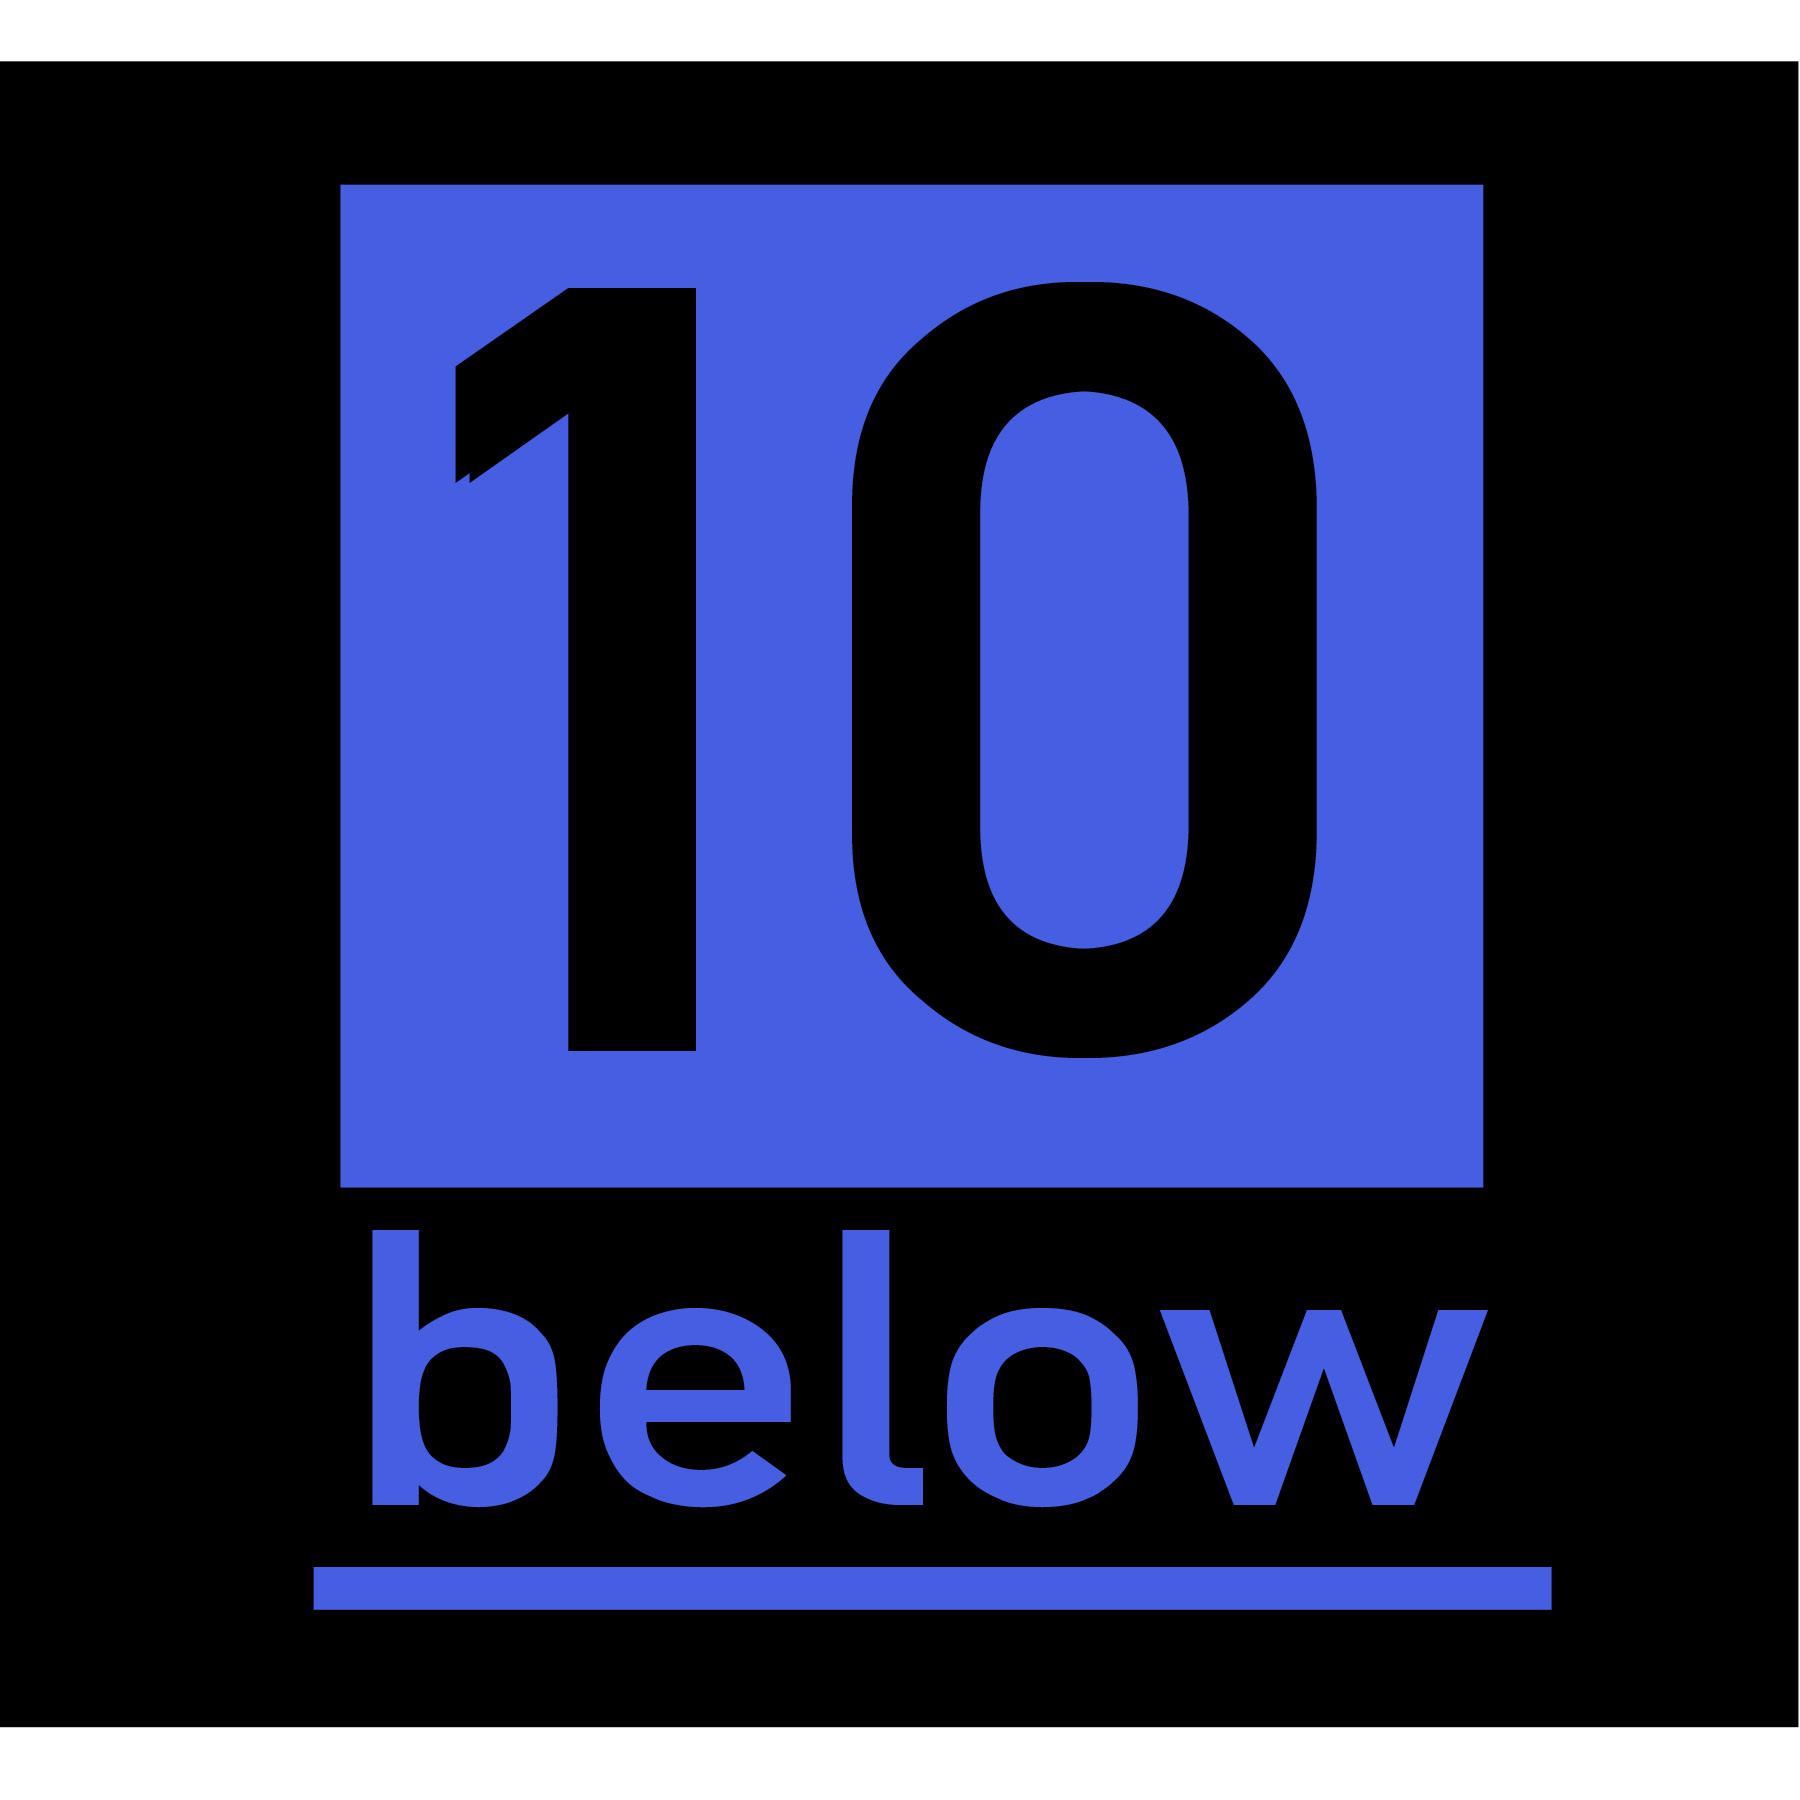 10 below icon larger.jpg